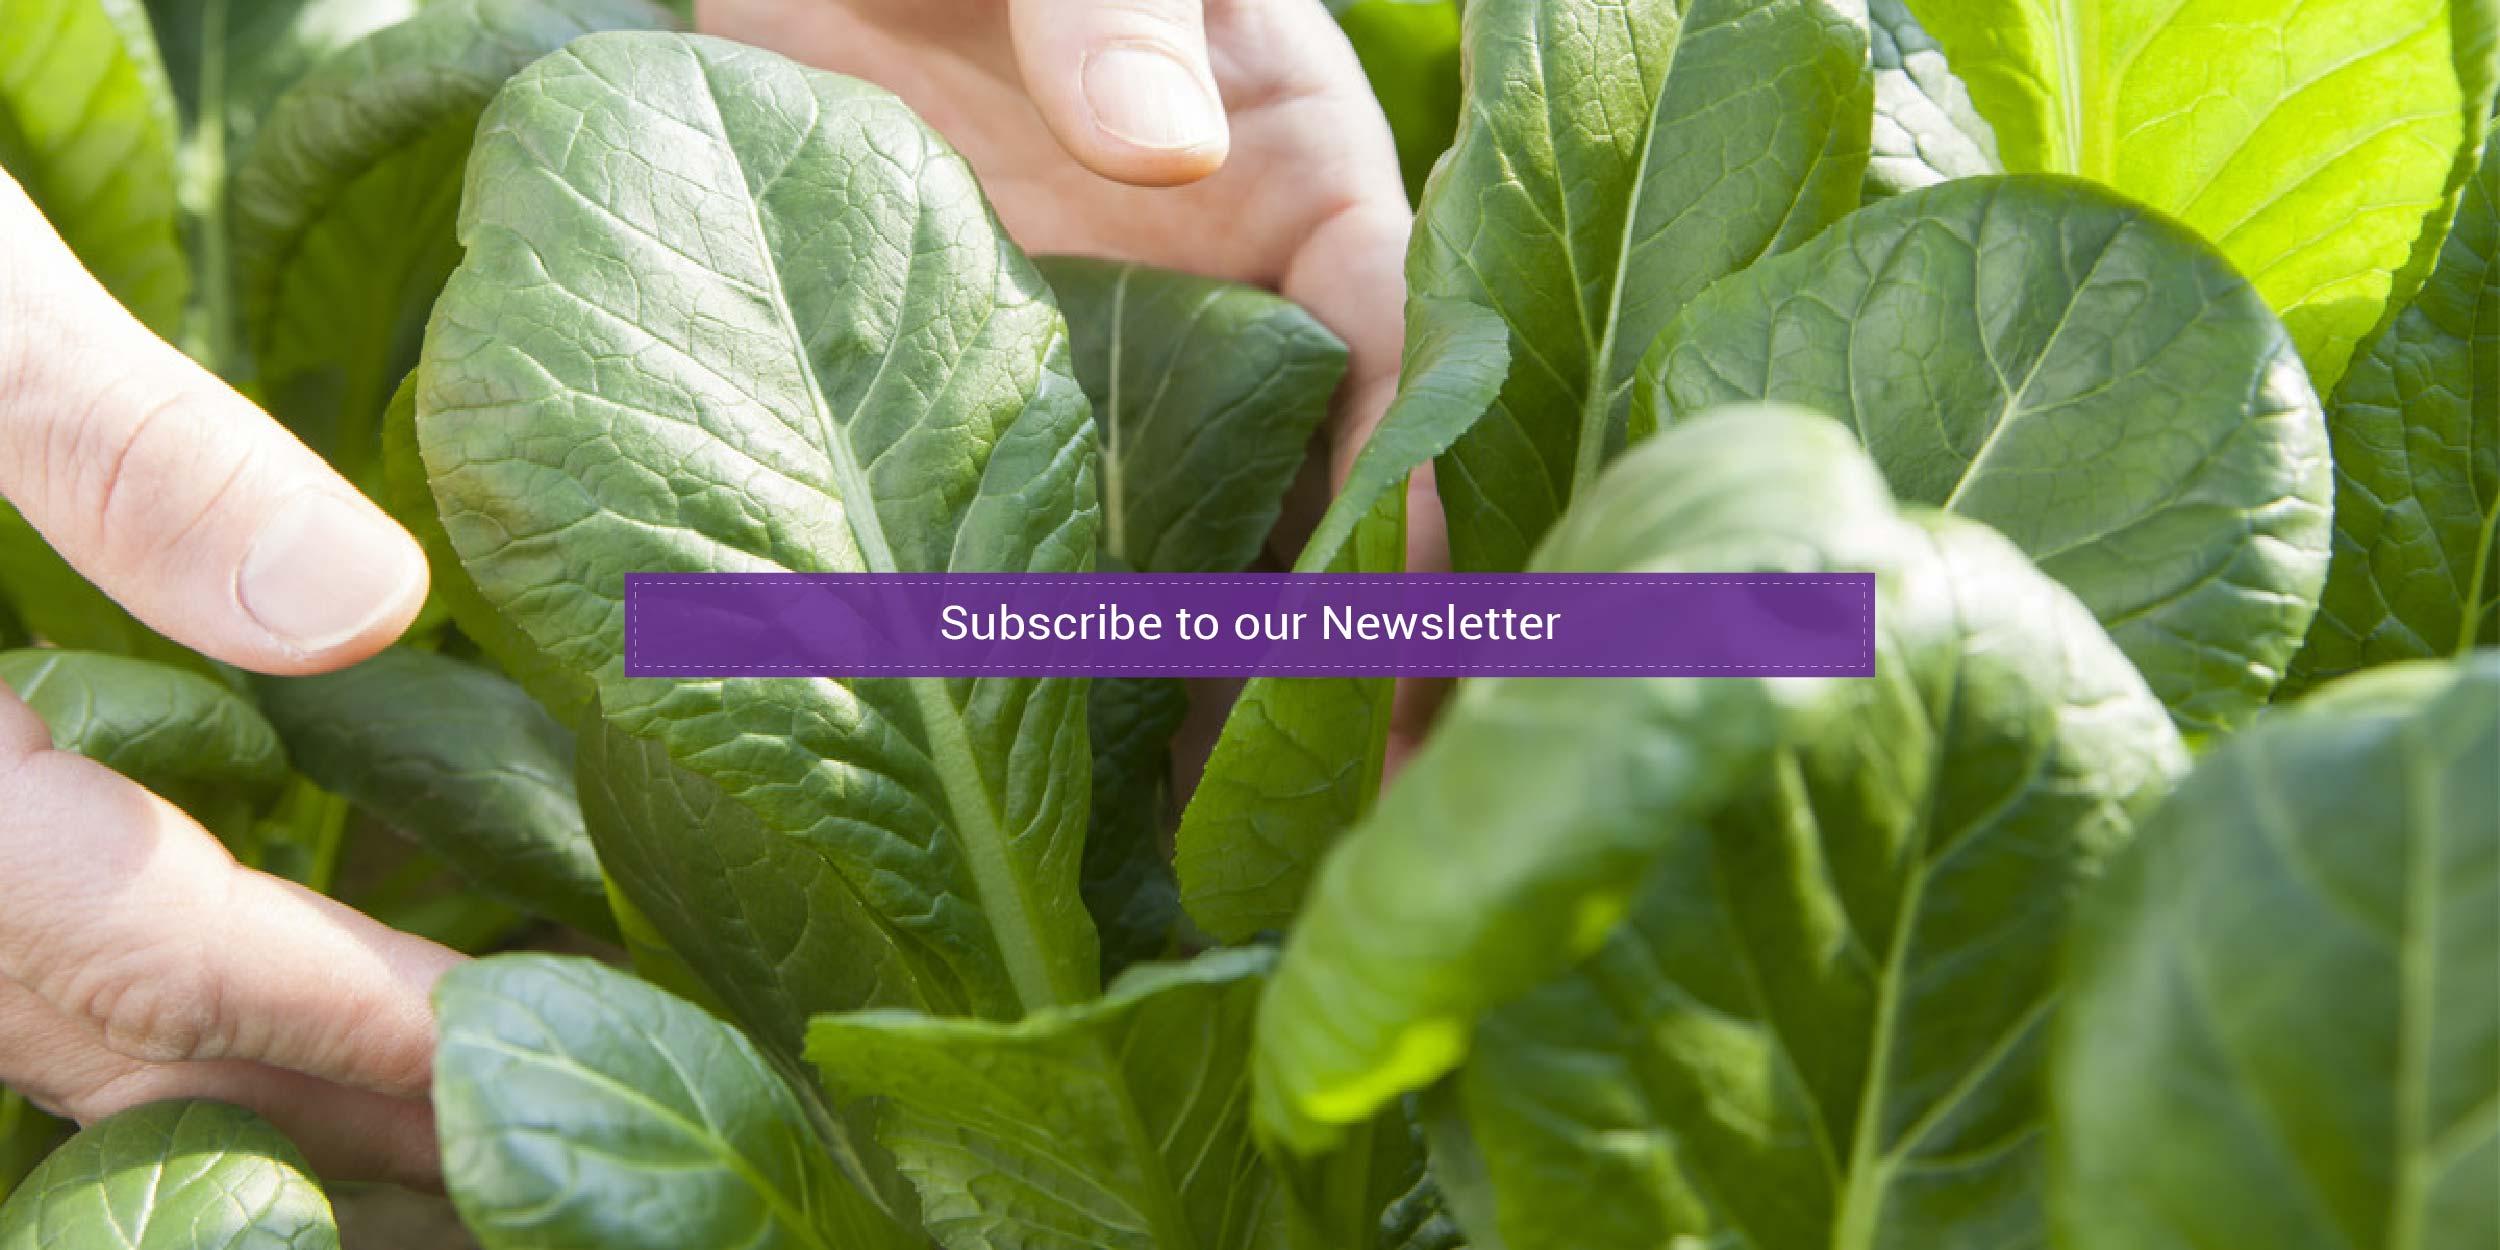 My Nona's GardenNewsletter